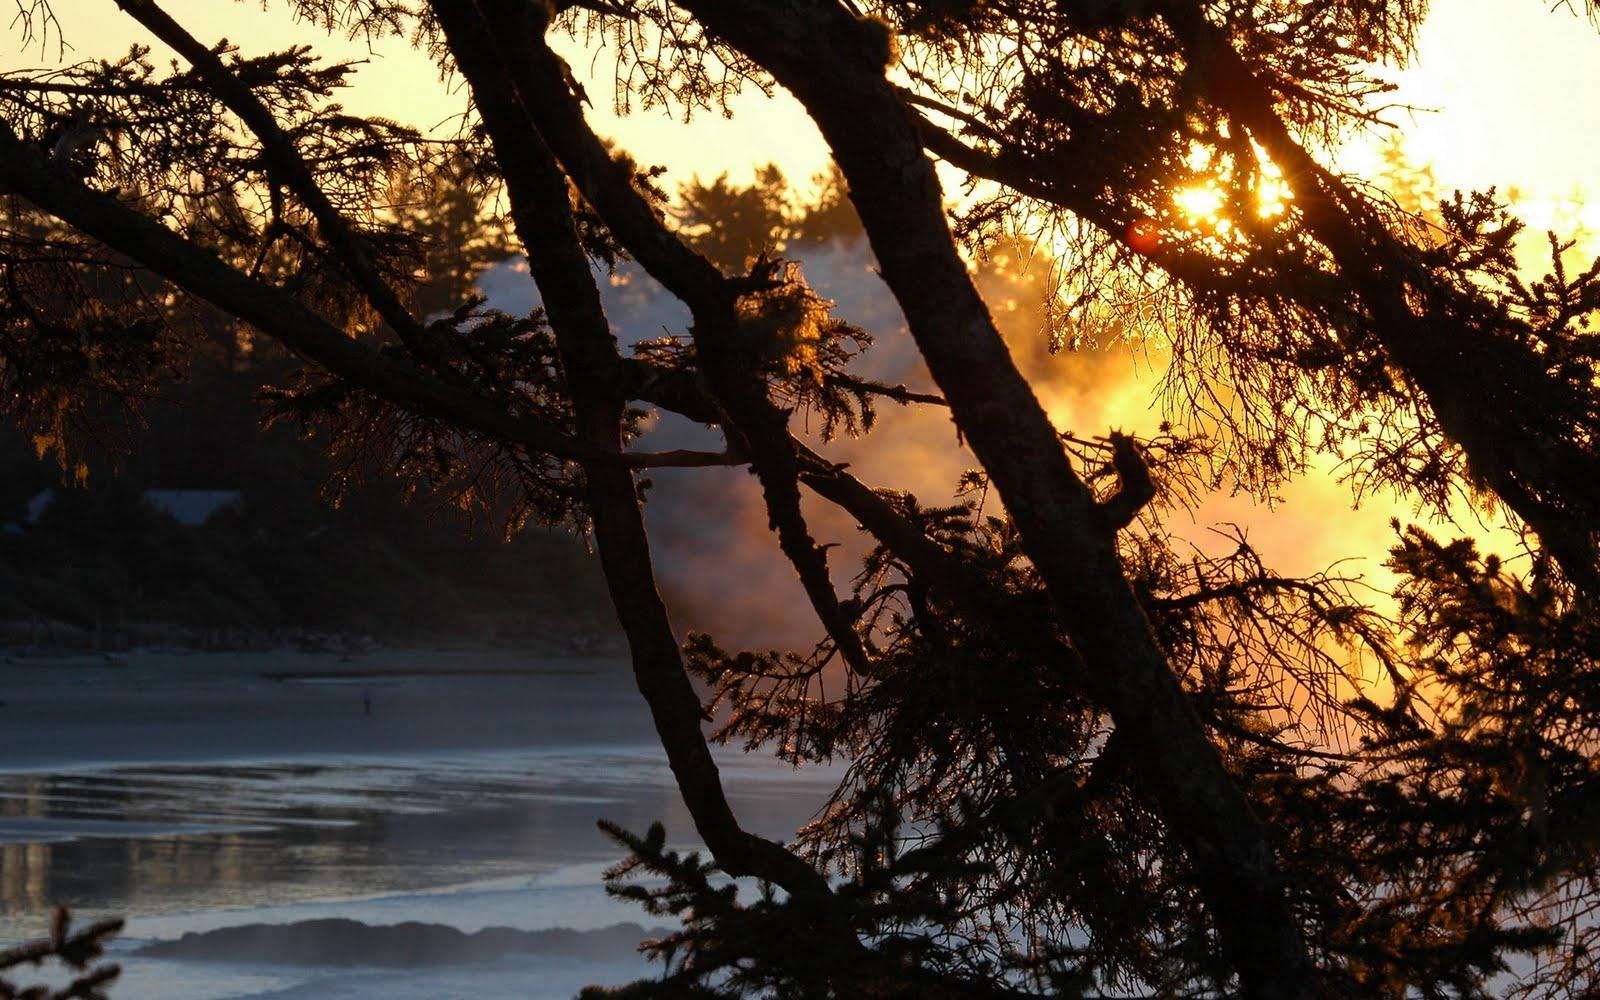 http://4.bp.blogspot.com/-pU1vd-XK7u4/TenYsU7ea2I/AAAAAAAAAvE/HbSkWwQr5EA/s1600/Nature+HD+Wallpapers+37.jpg